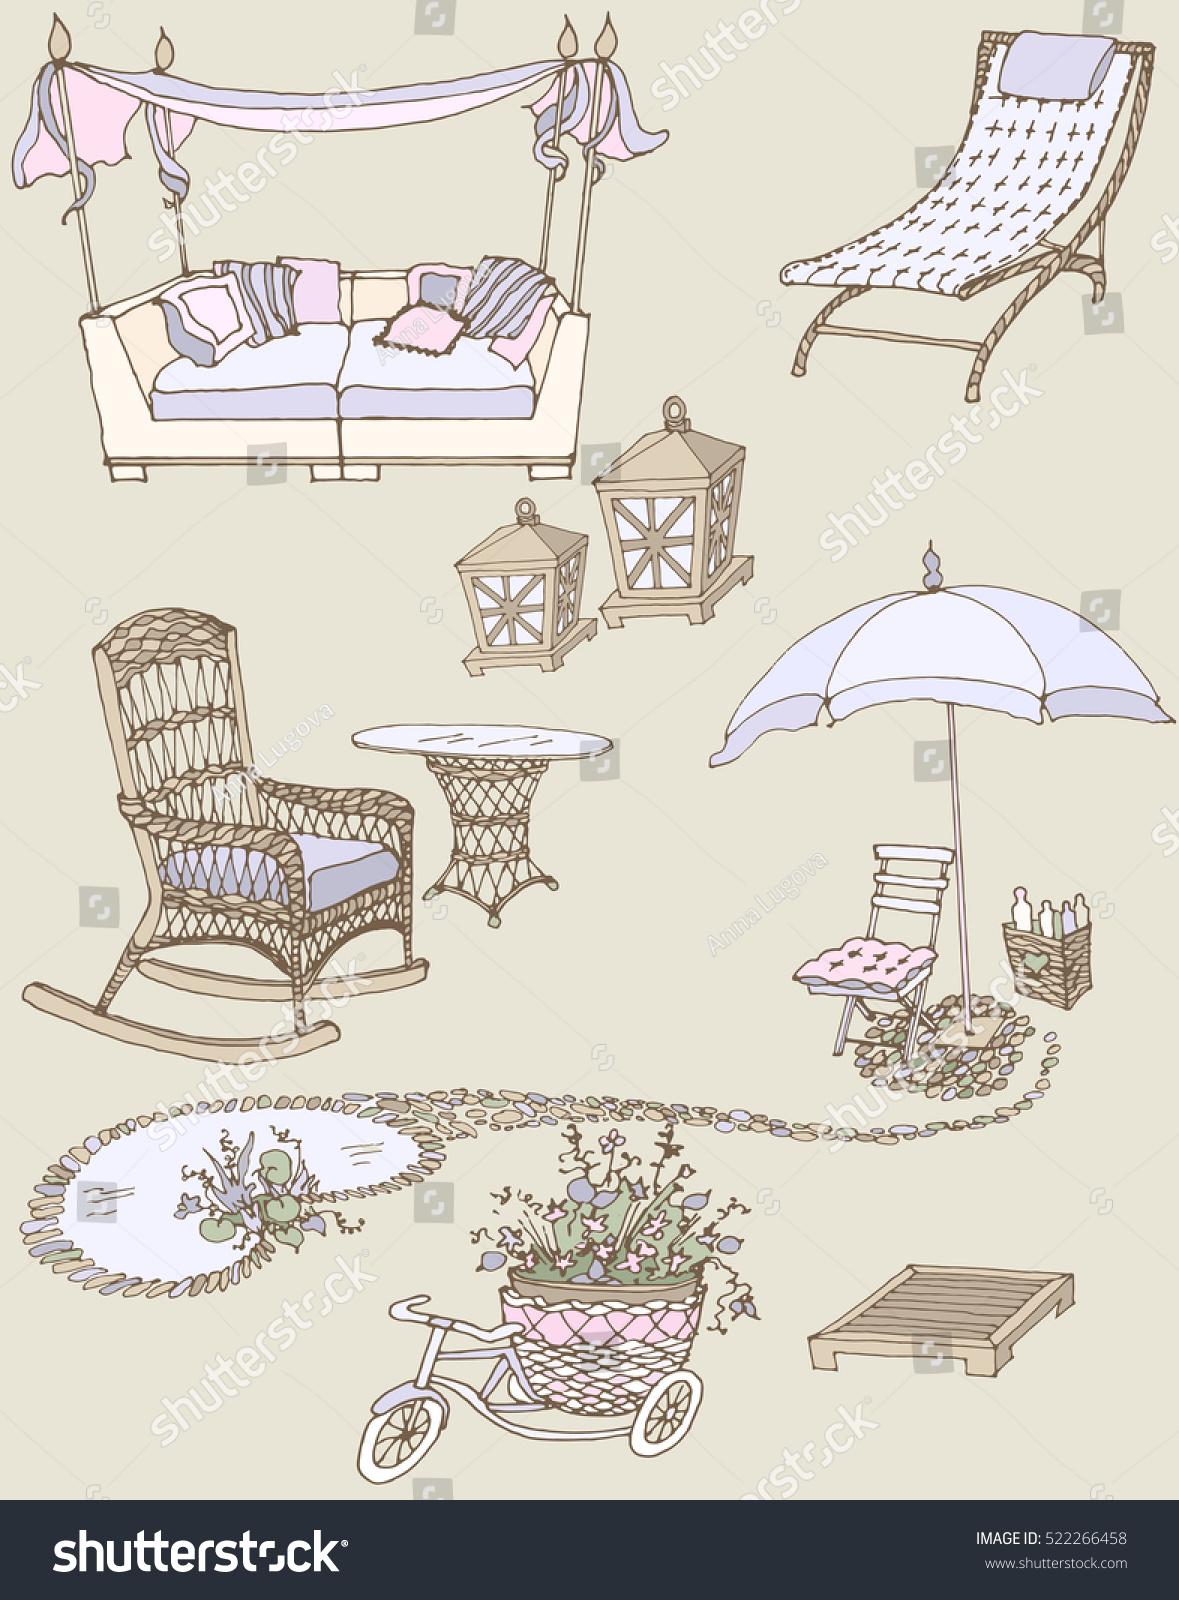 sketch set furniture decor garden color stock vector 522266458